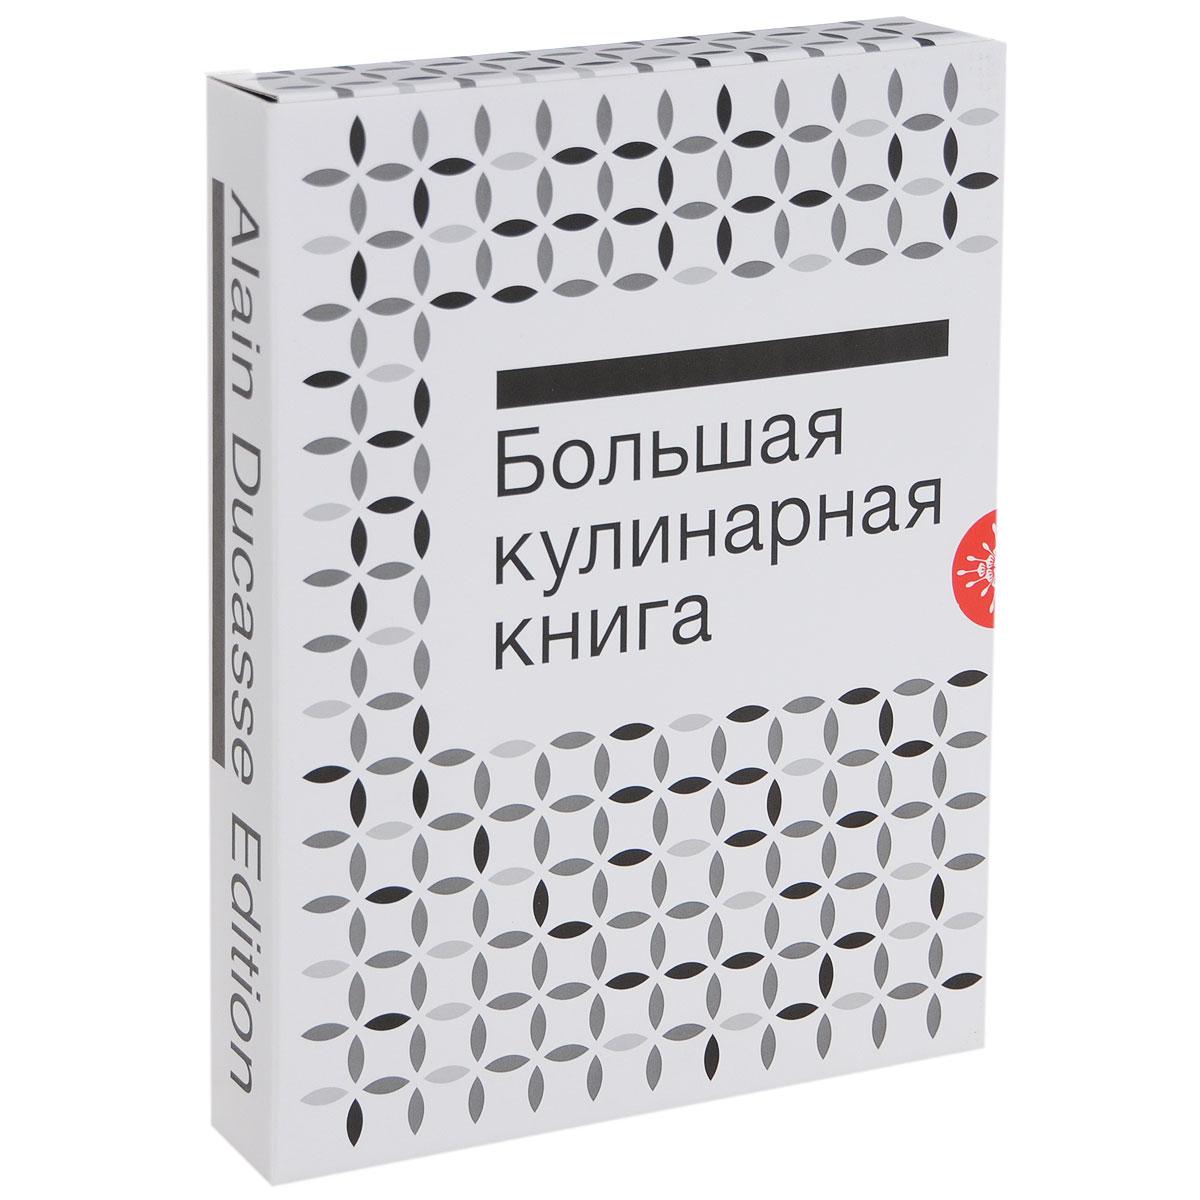 Ален Дюкасс Большая кулинарная книга. Мясо и птица специи большая кулинарная книга в футляре